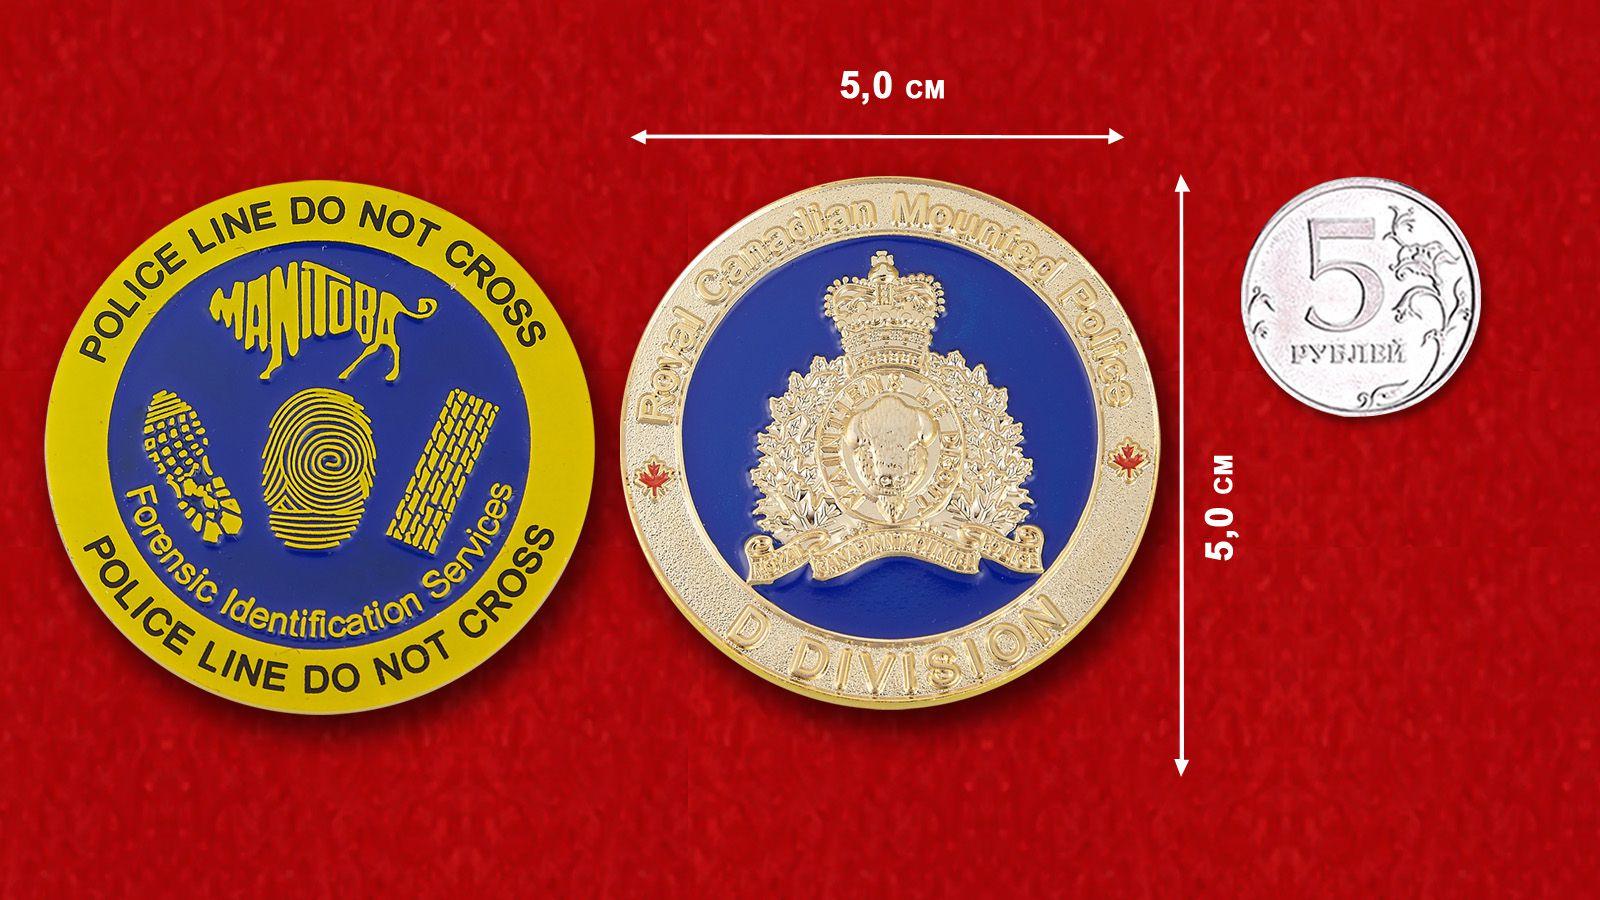 Челлендж коин полиции Манитобы - сравнительный размер